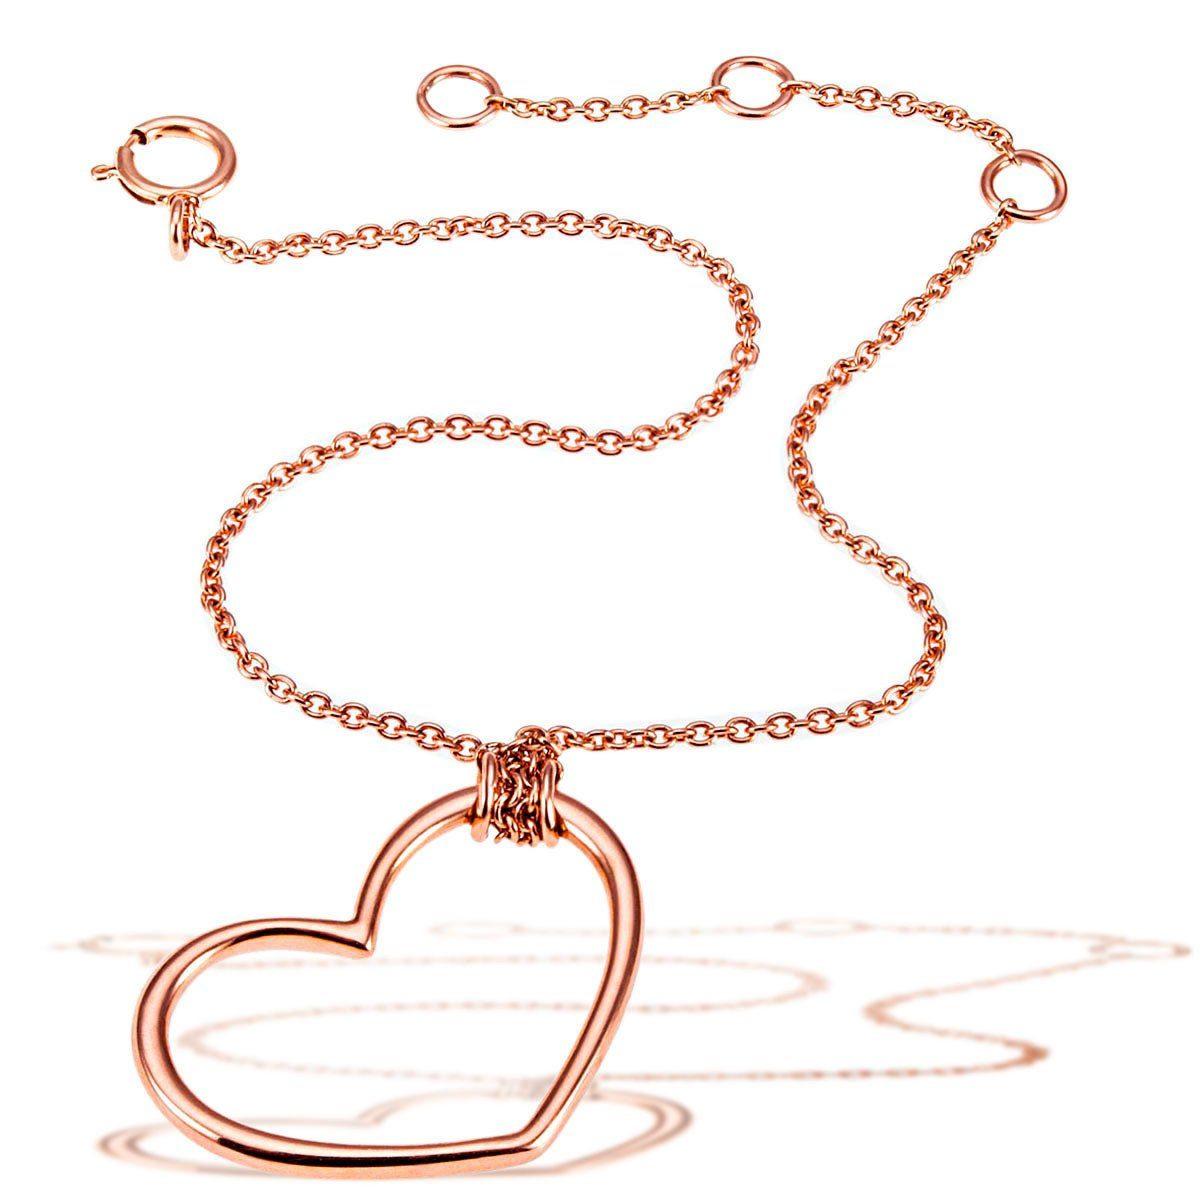 goldmaid Armband Herz 585/- Rotgold zwei Zwischenösen